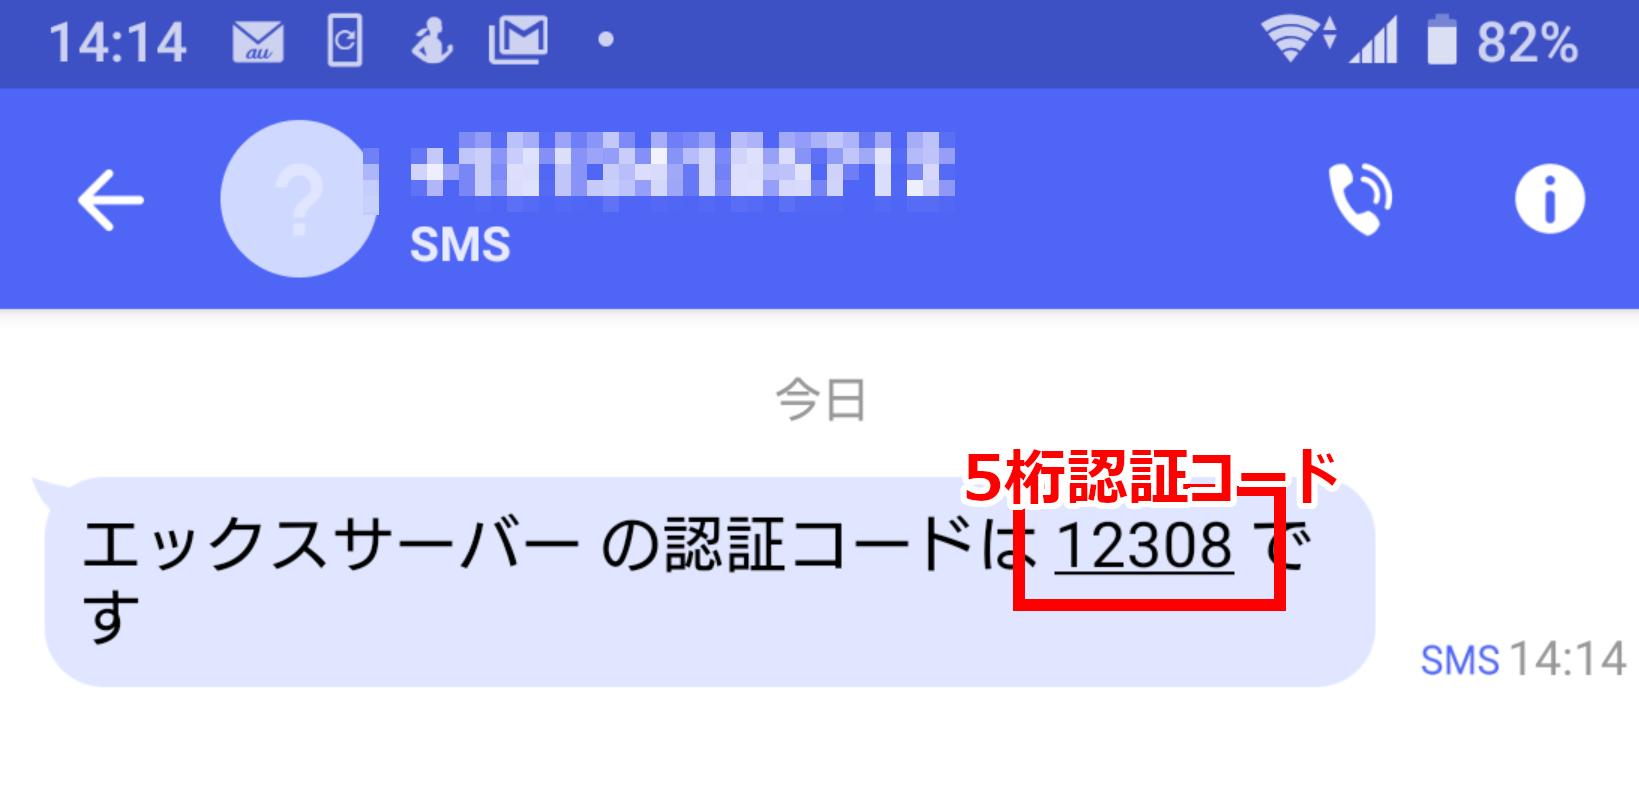 SMSで認証コードが届いた画面